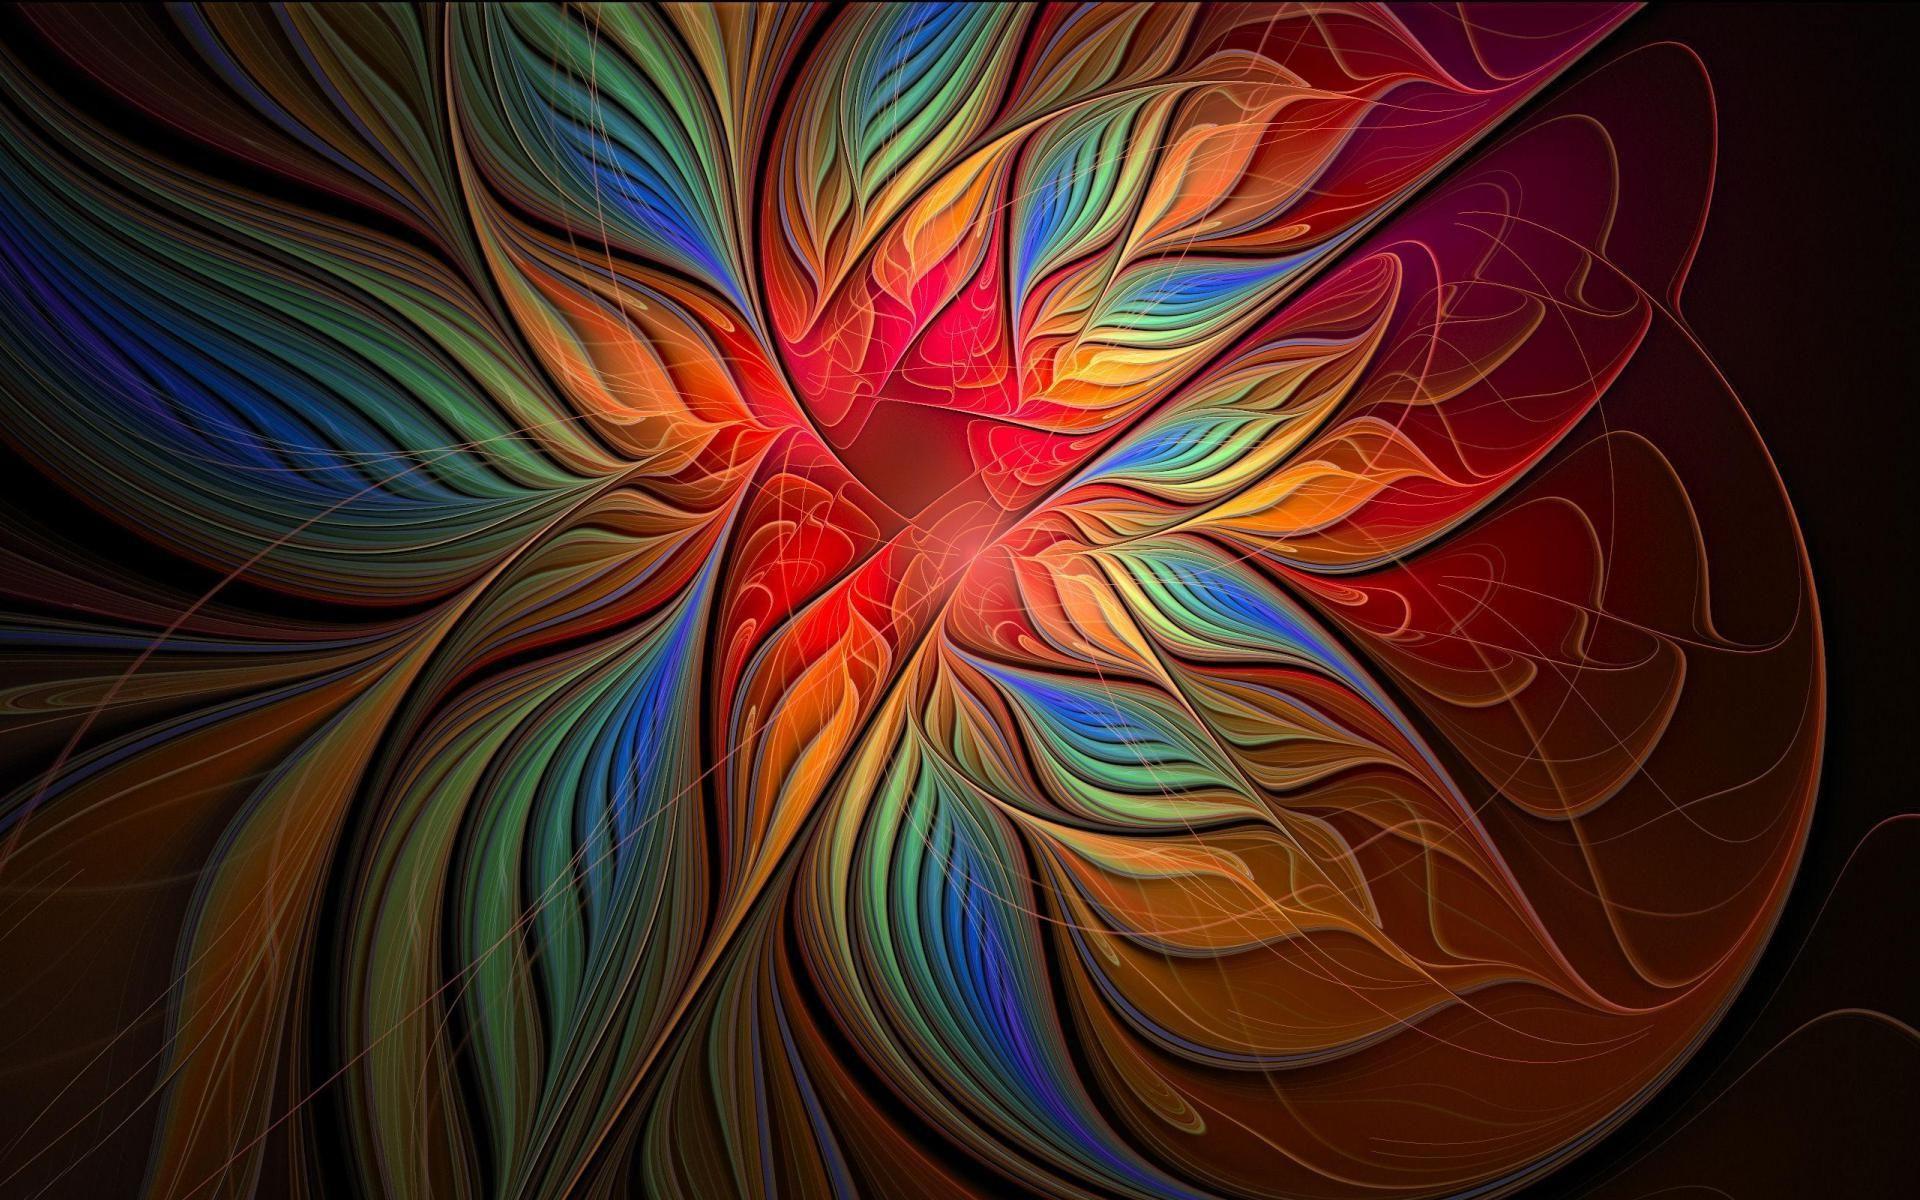 fractal roses | Fractal Flowers Background HD